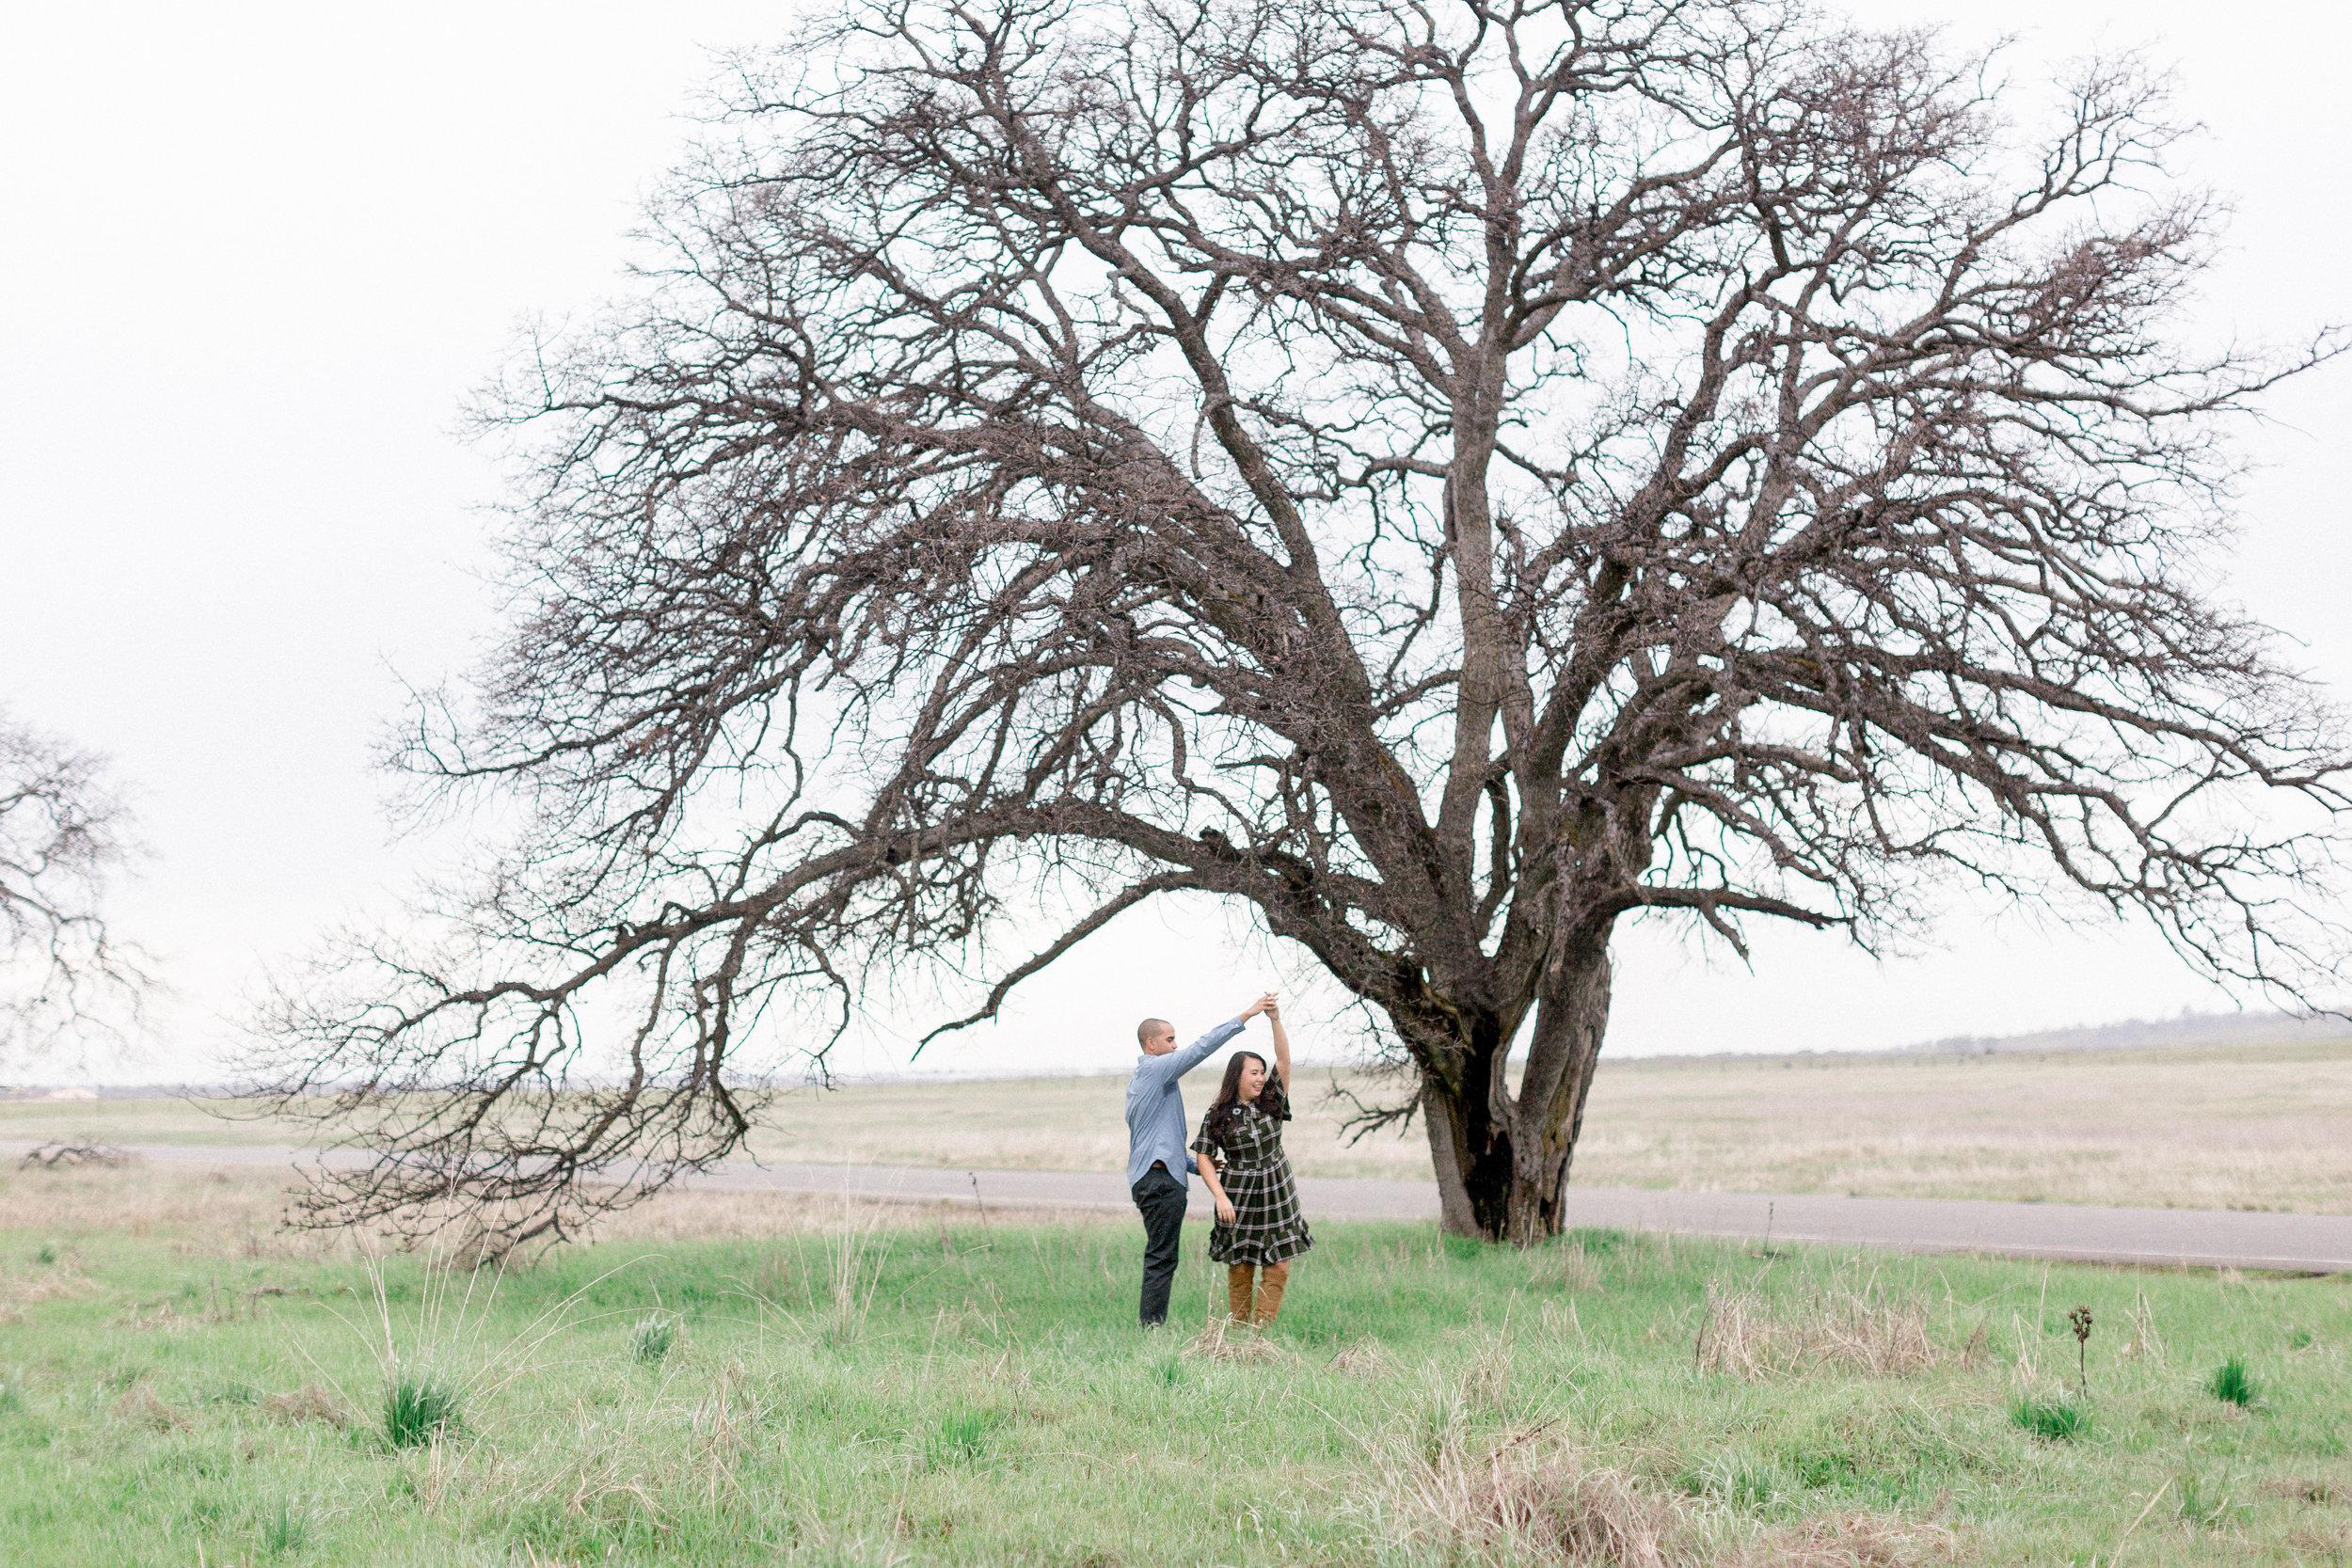 chico-park-engagement-photographer-daenrochelle-70.jpg